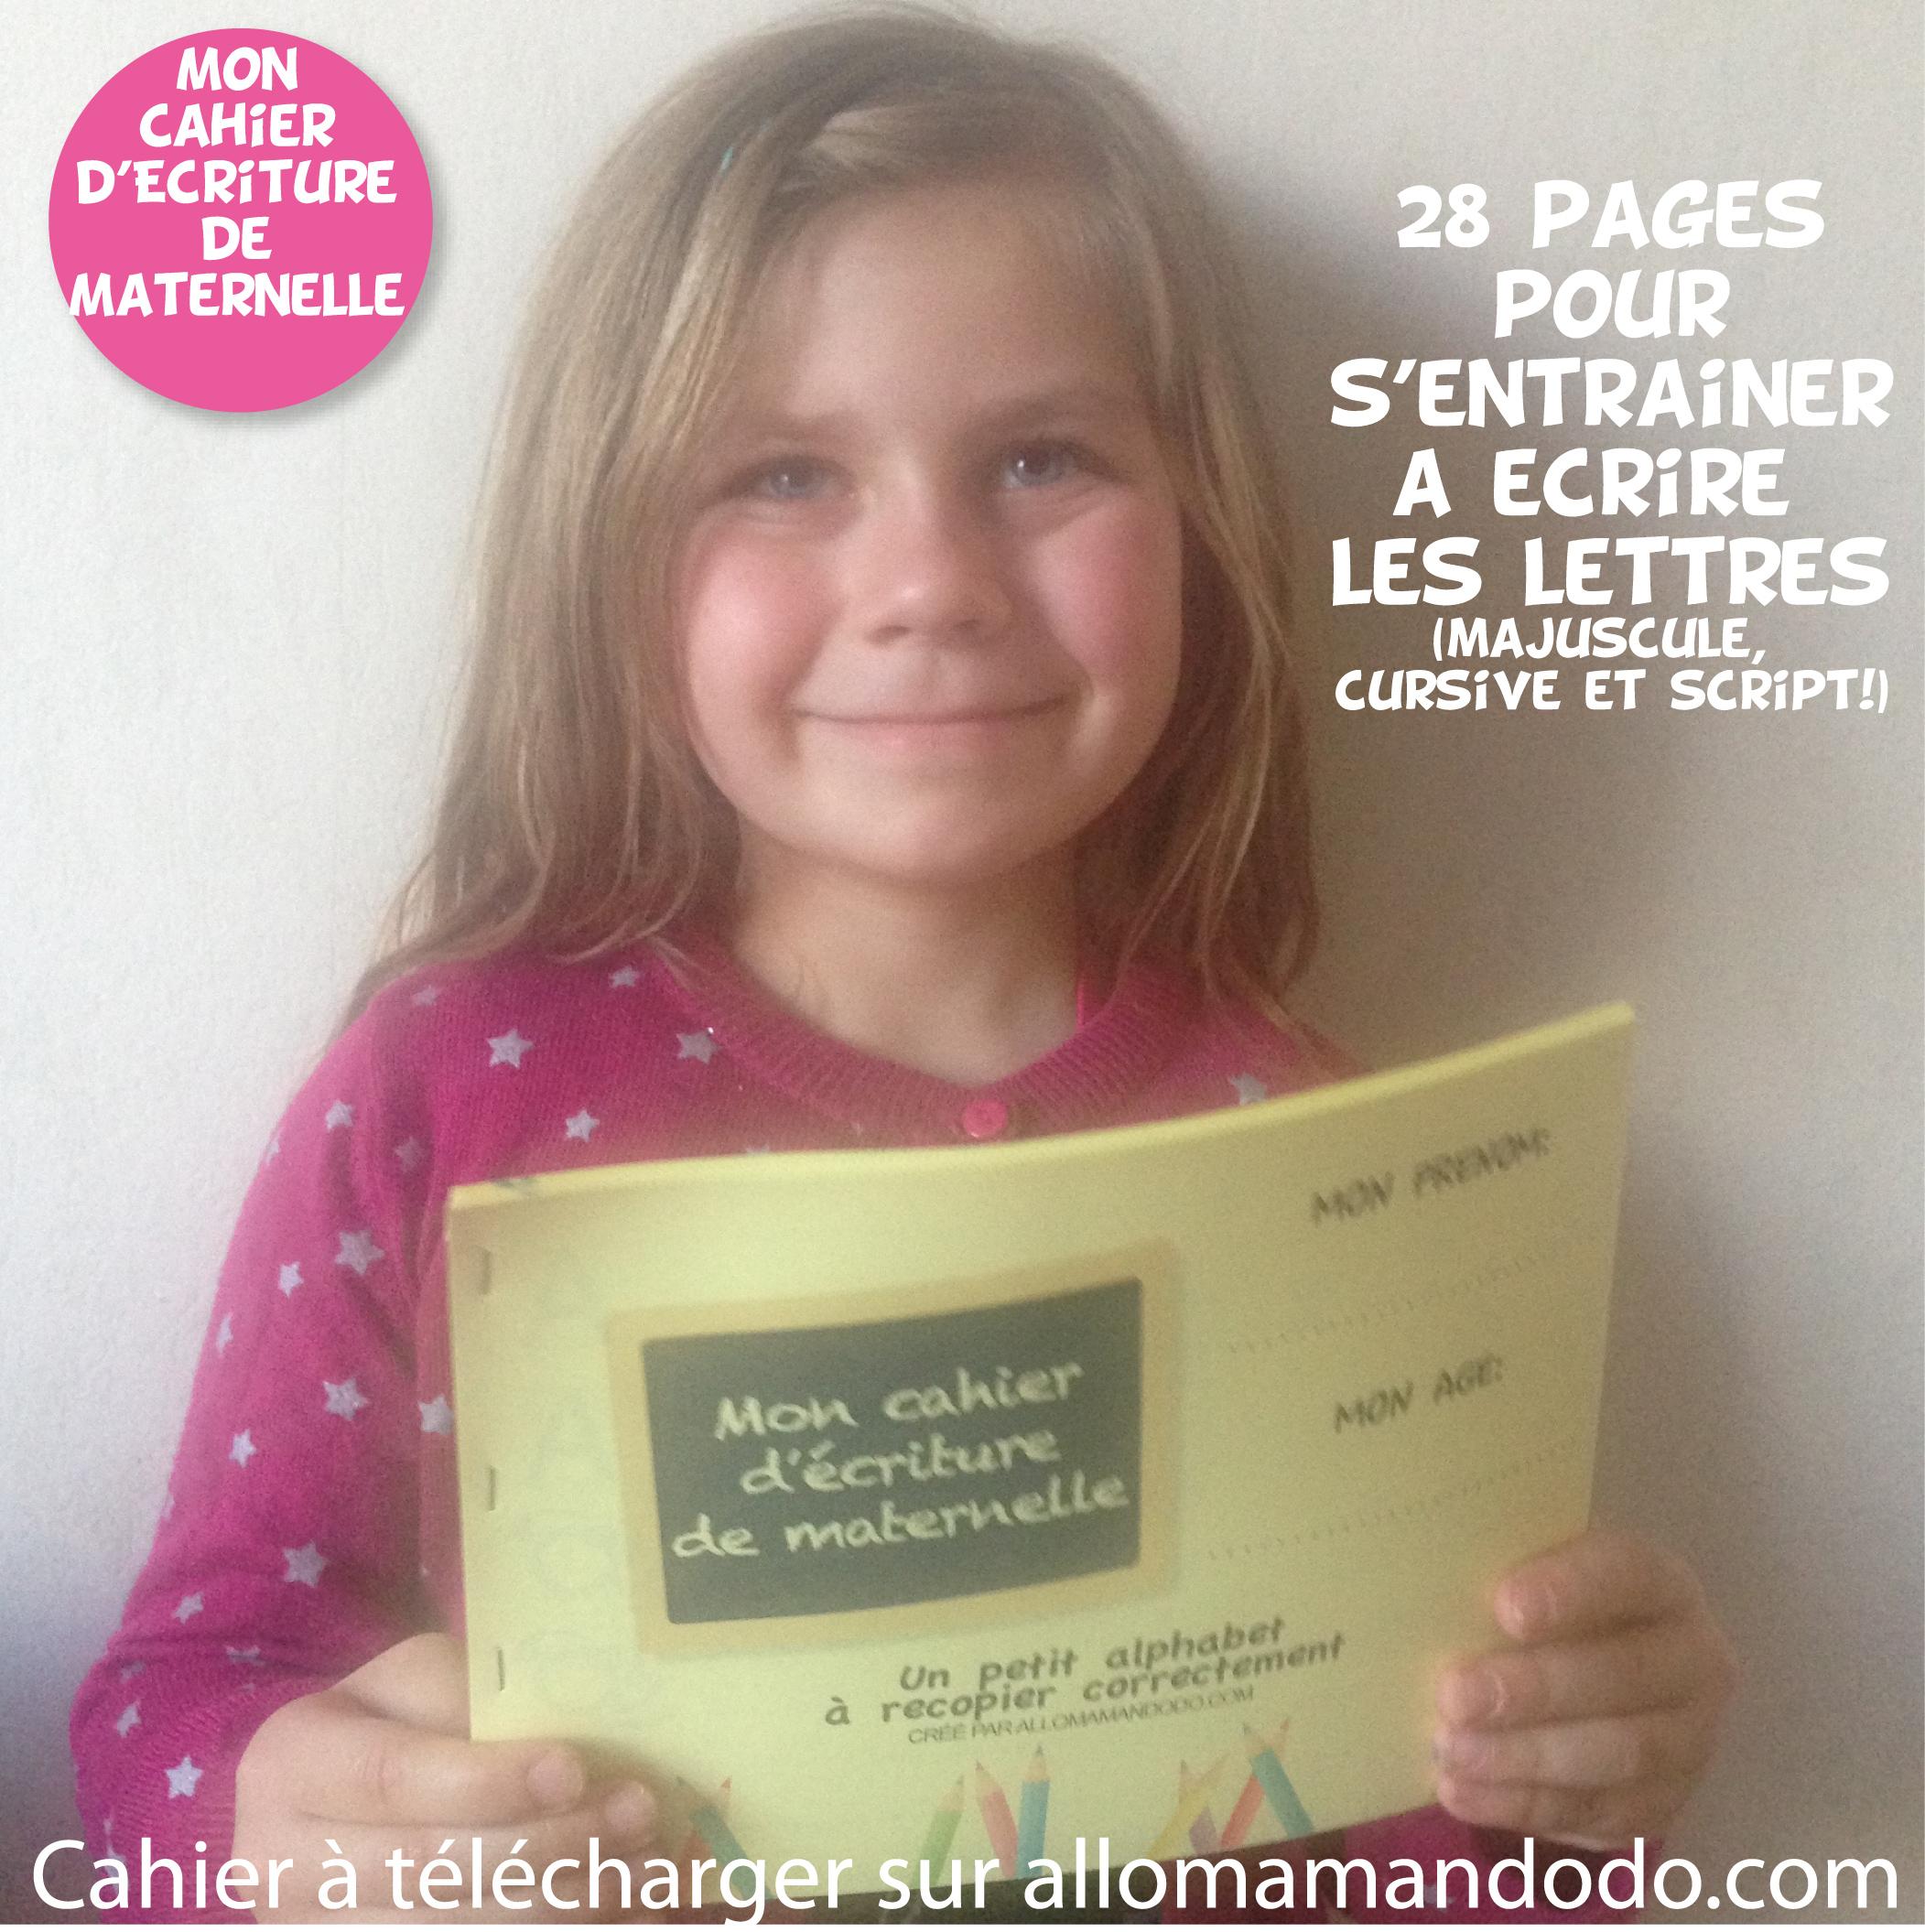 Le Cahier D'écriture De Maternelle À Télécharger ( Gratuit encequiconcerne Apprendre A Ecrire Gratuit